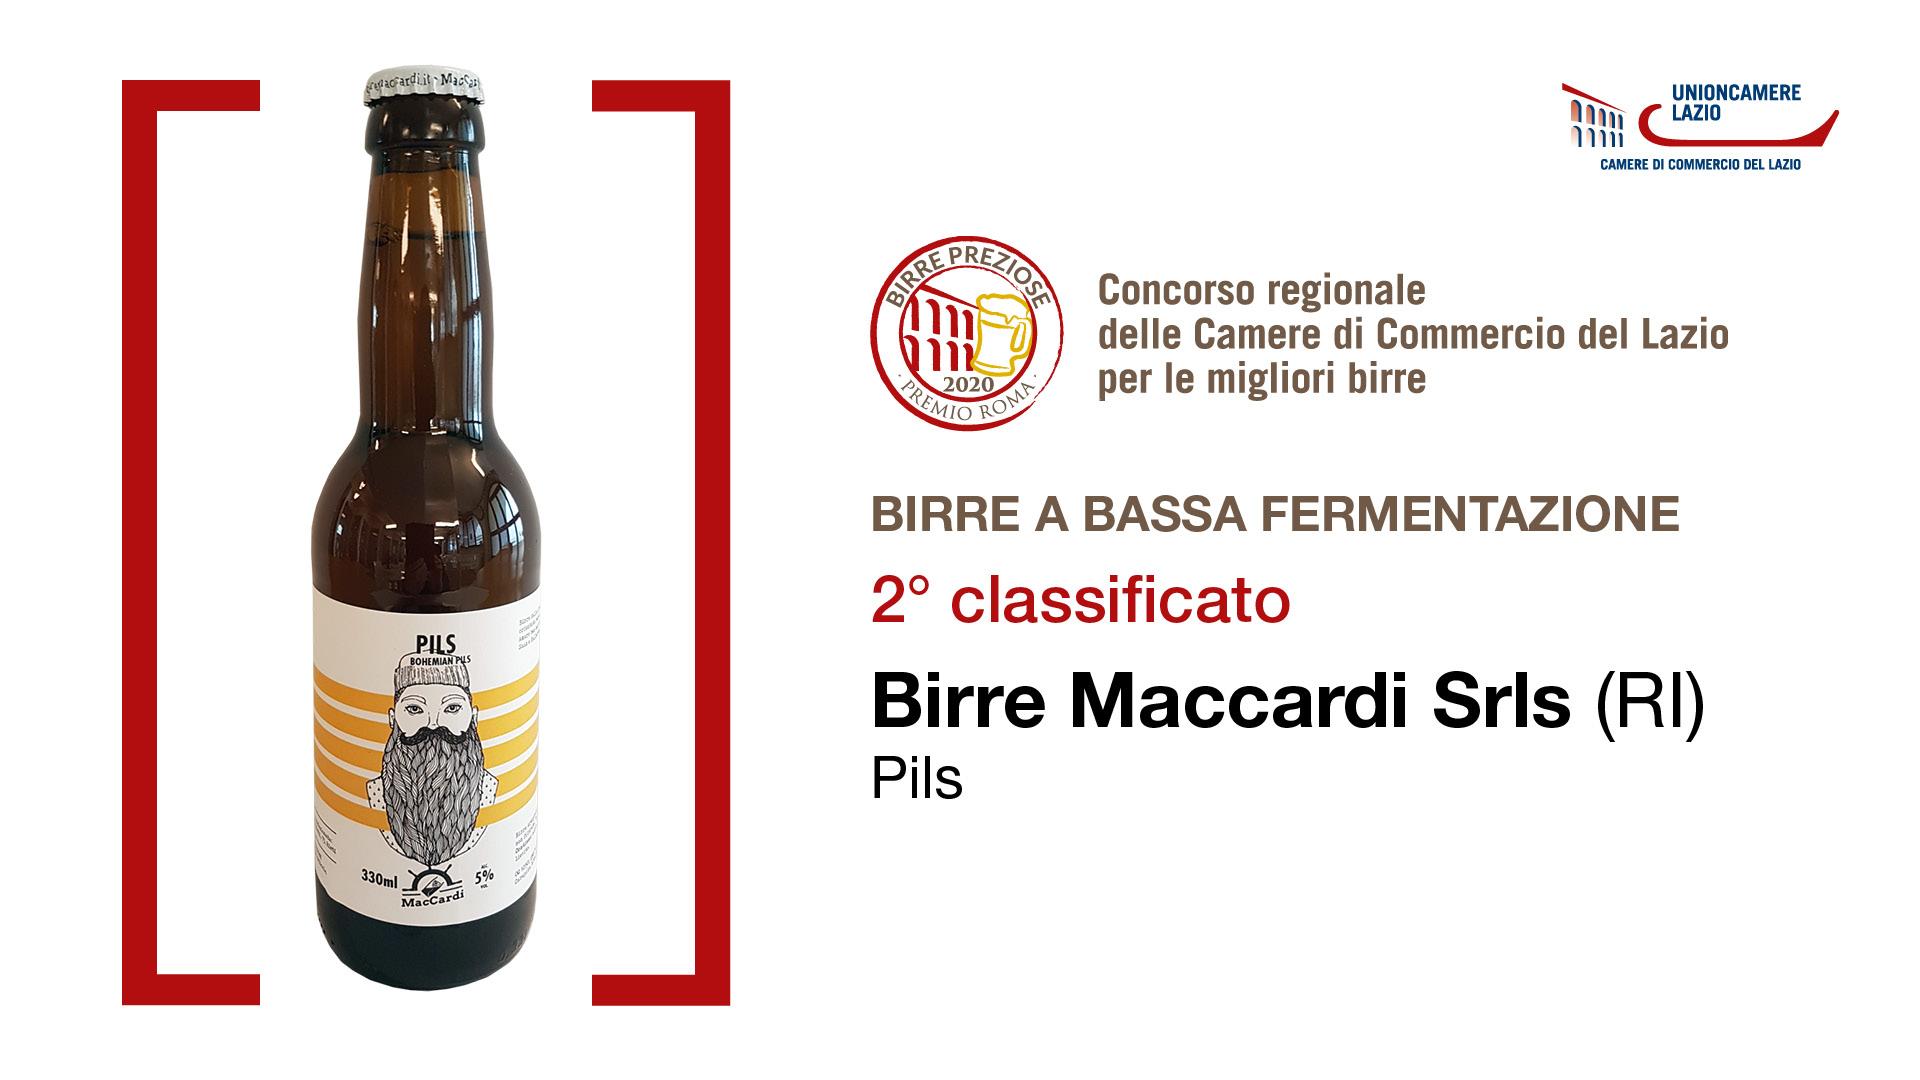 Birre Maccardi Srls (RI)